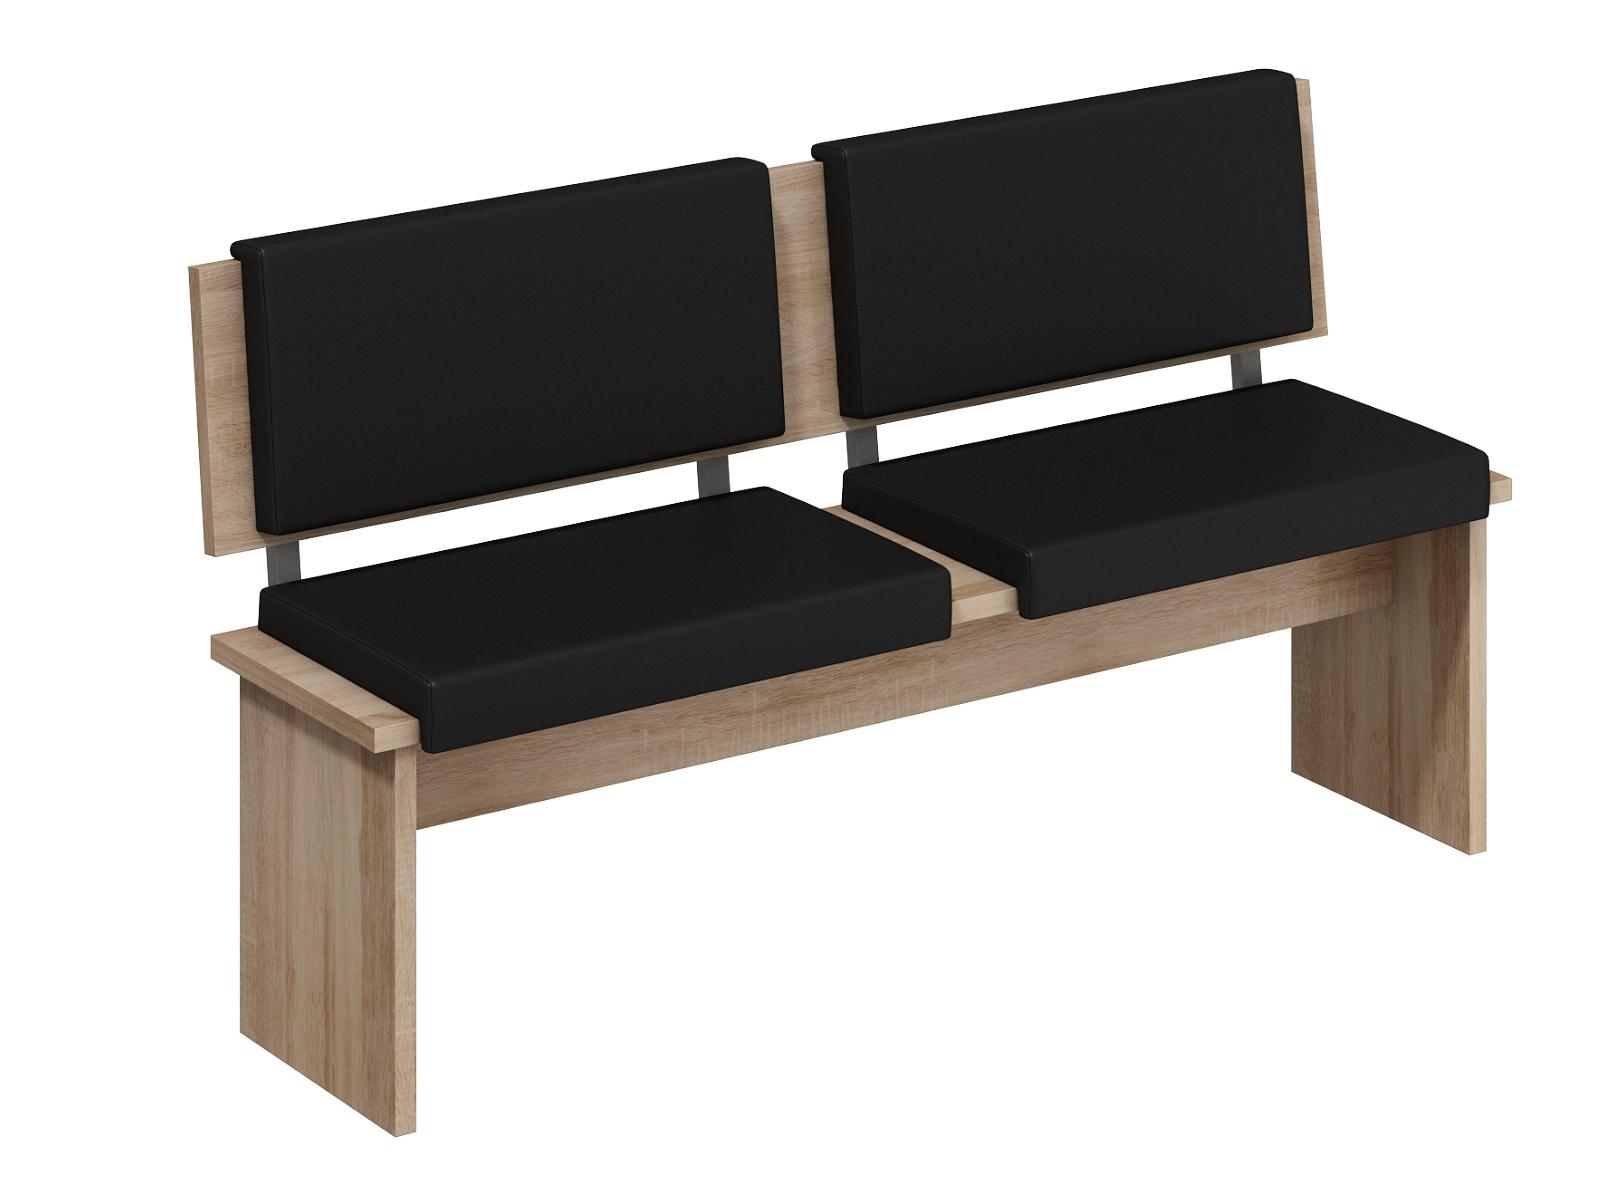 MORAVIA FLAT BOND, lavice velká, dub sonoma sv./černá ekokůže